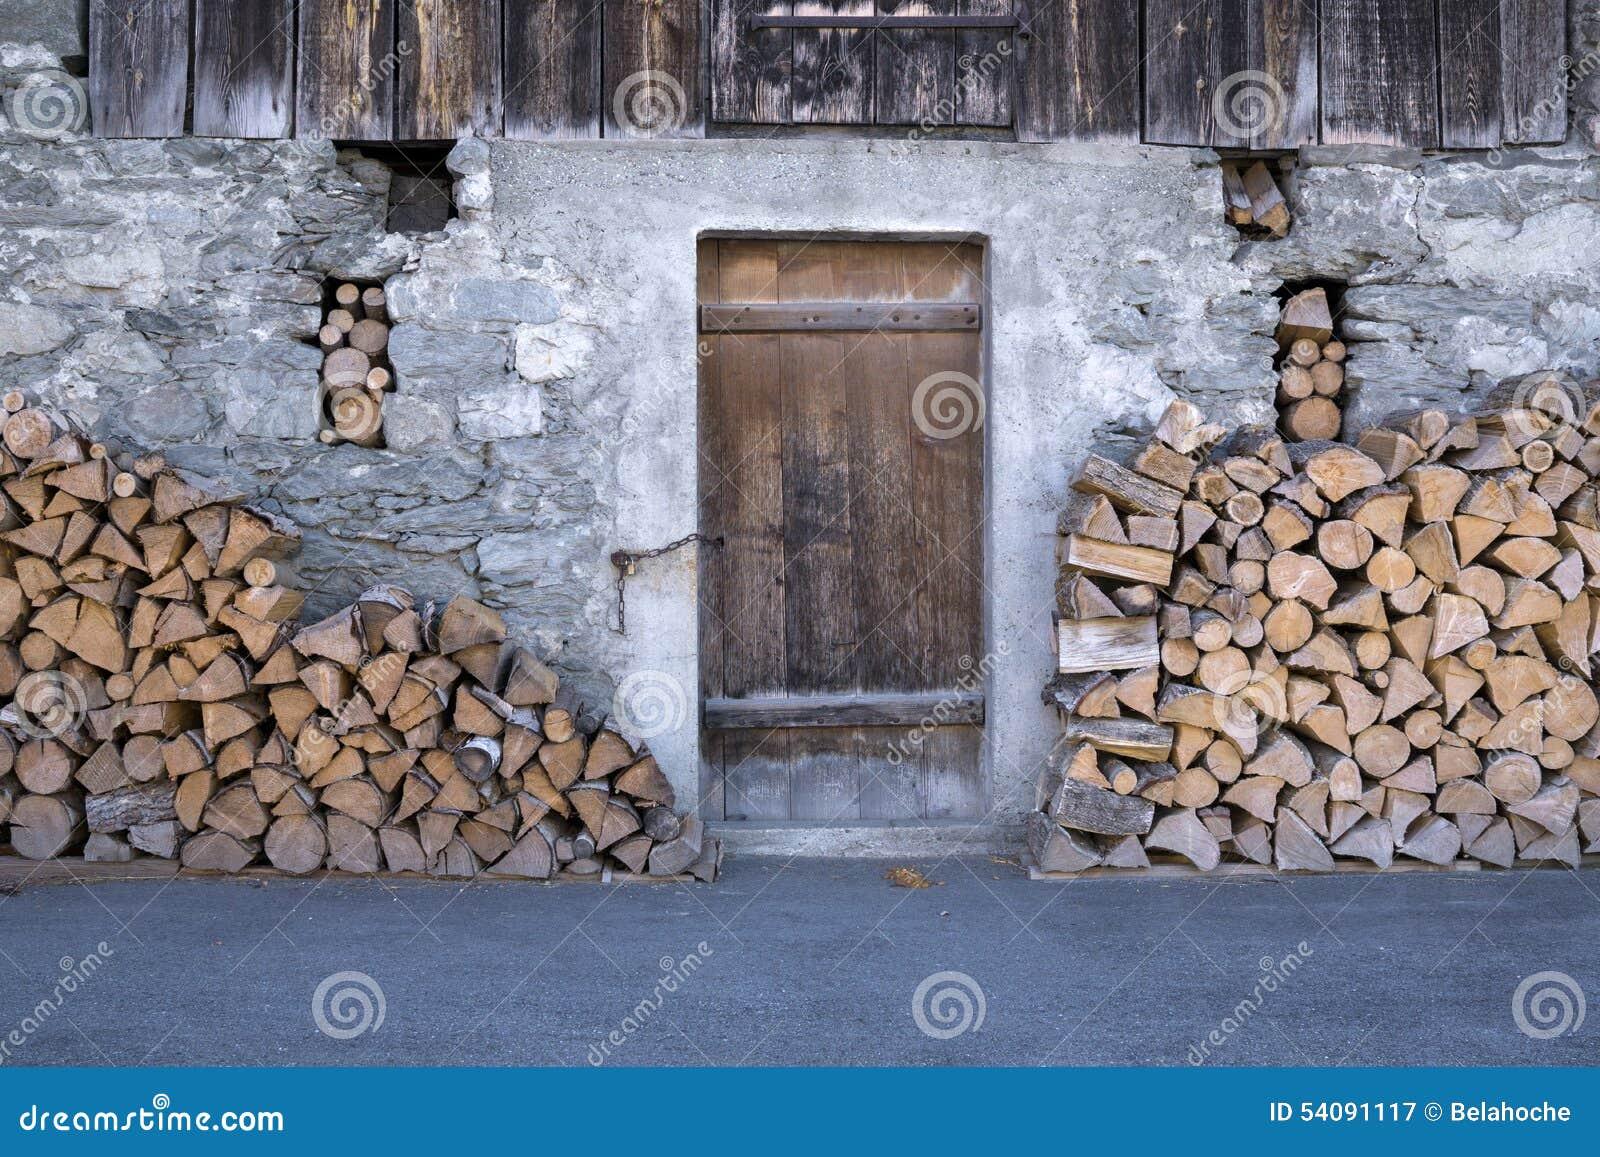 rustikale scheune mit stapeln brennholz stockbild bild von geb ude lagerhaus 54091117. Black Bedroom Furniture Sets. Home Design Ideas